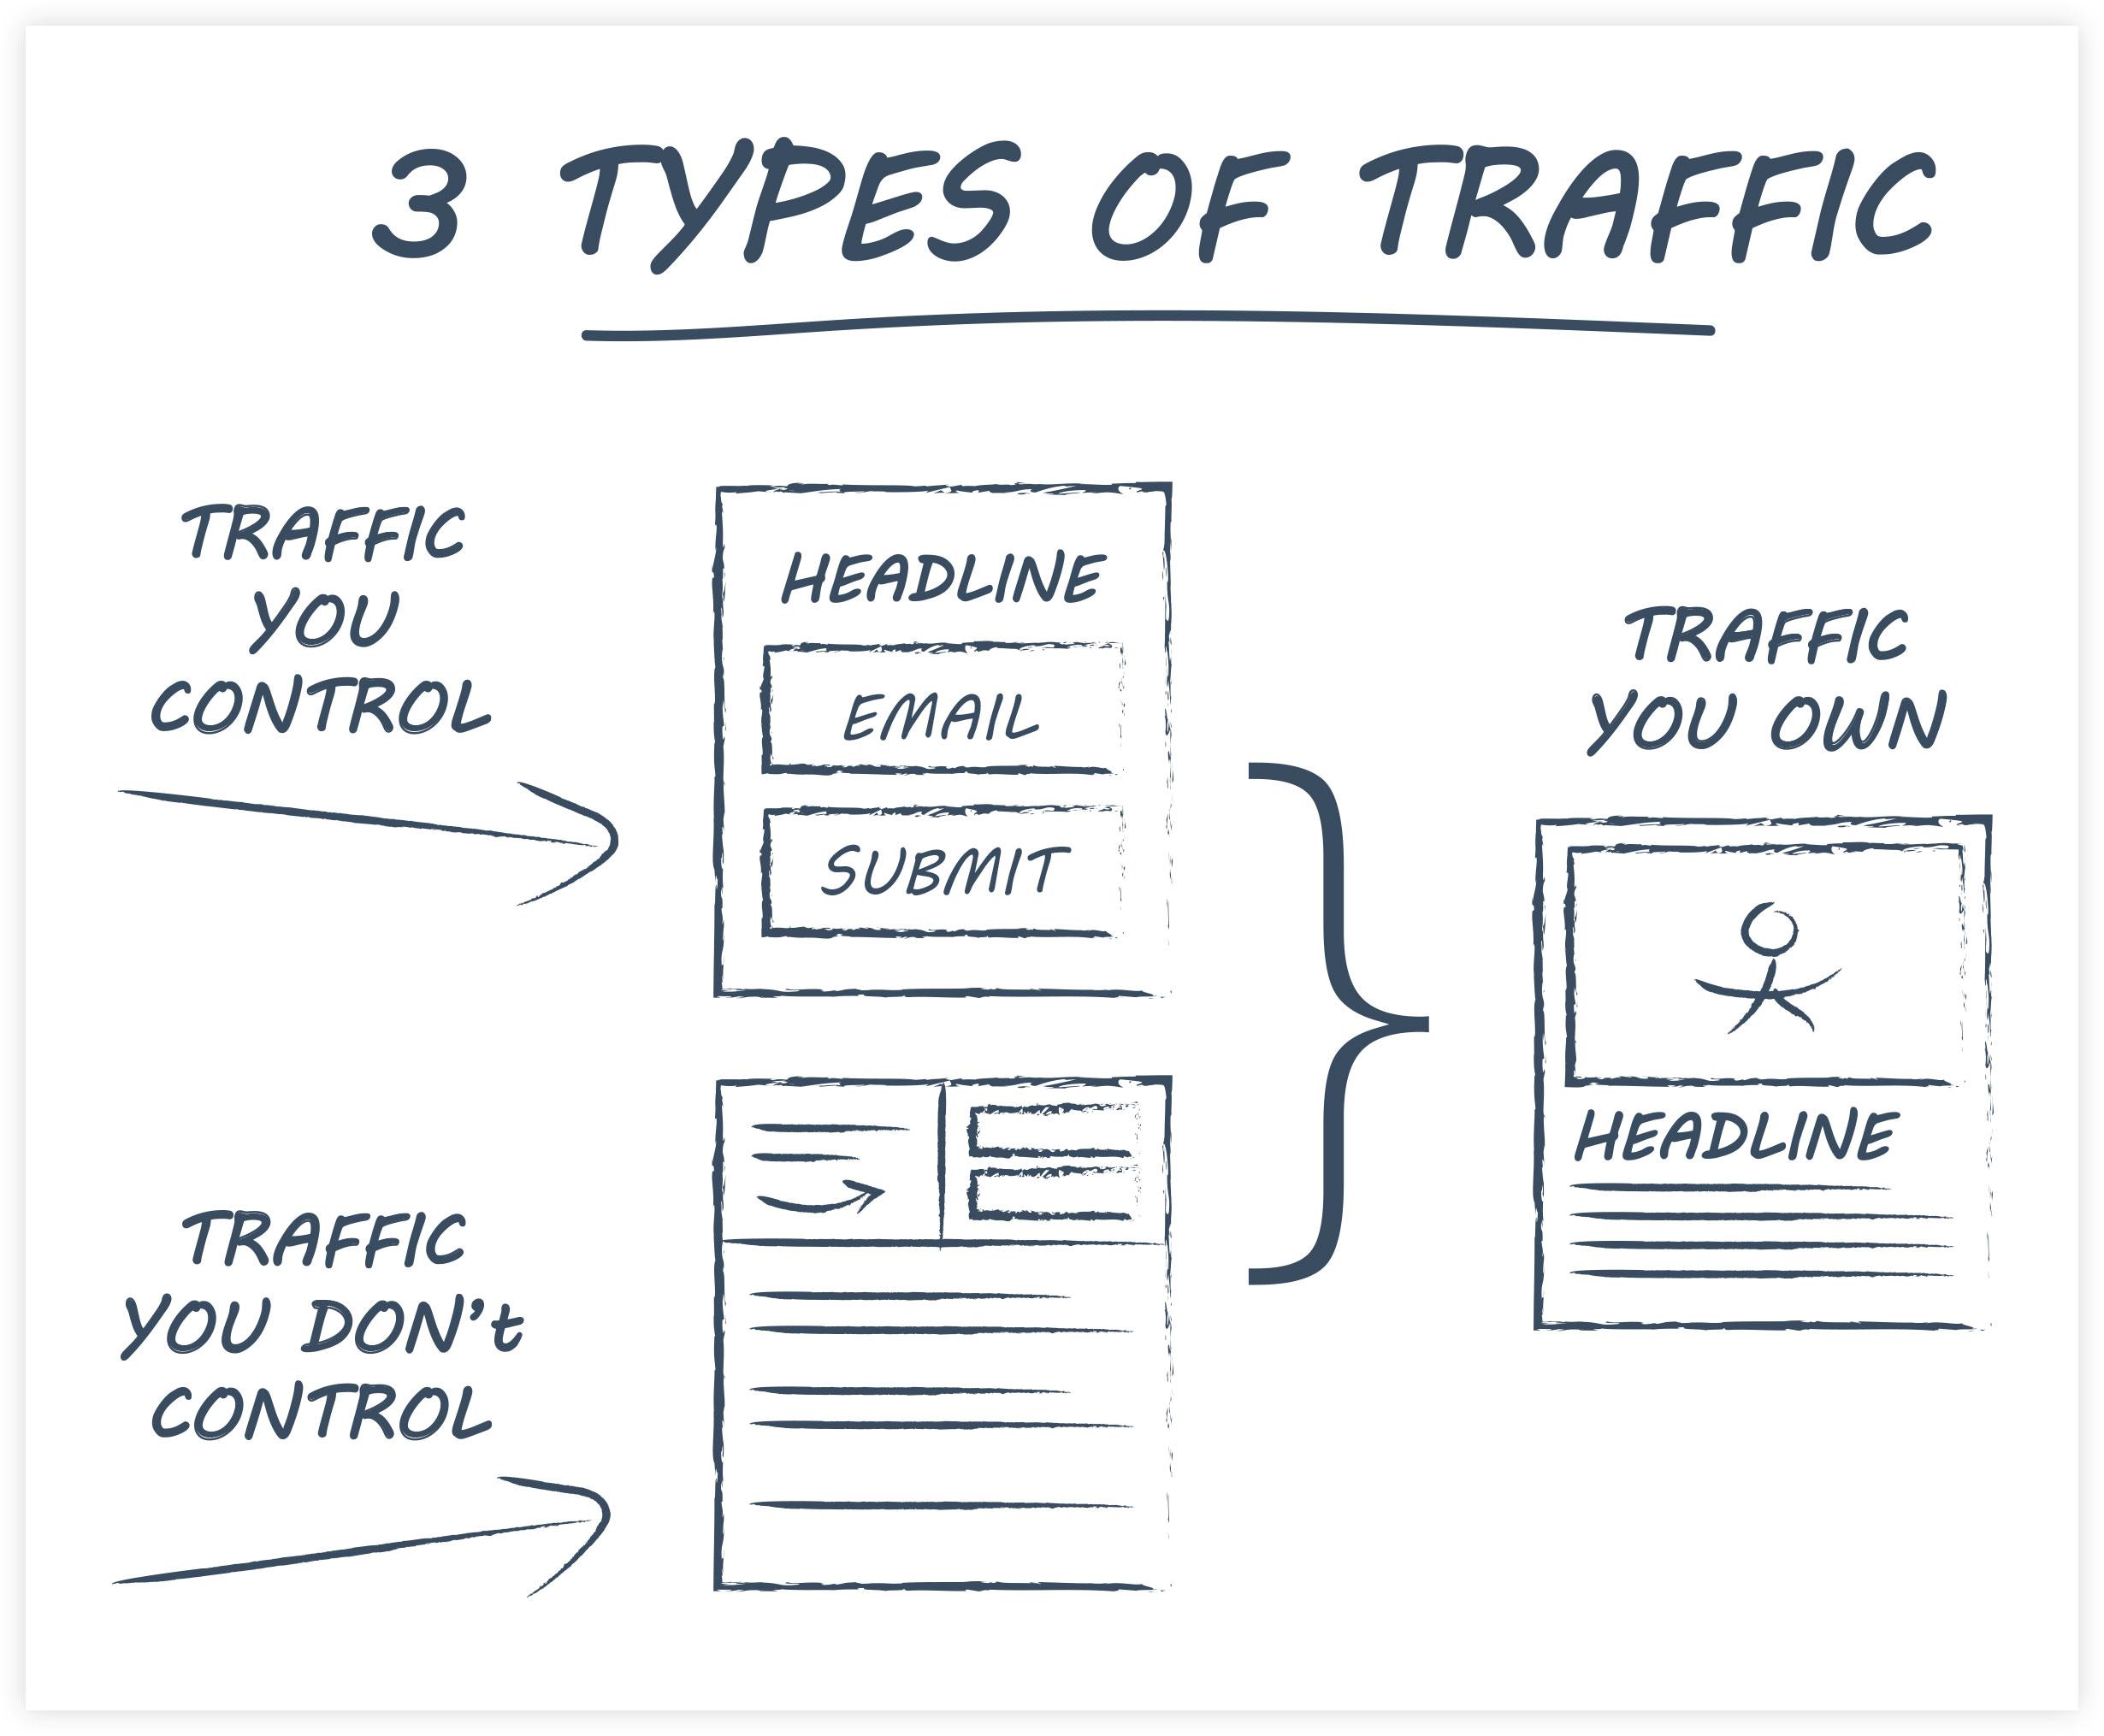 ClickFunnels - Three Types of Traffic Explanation